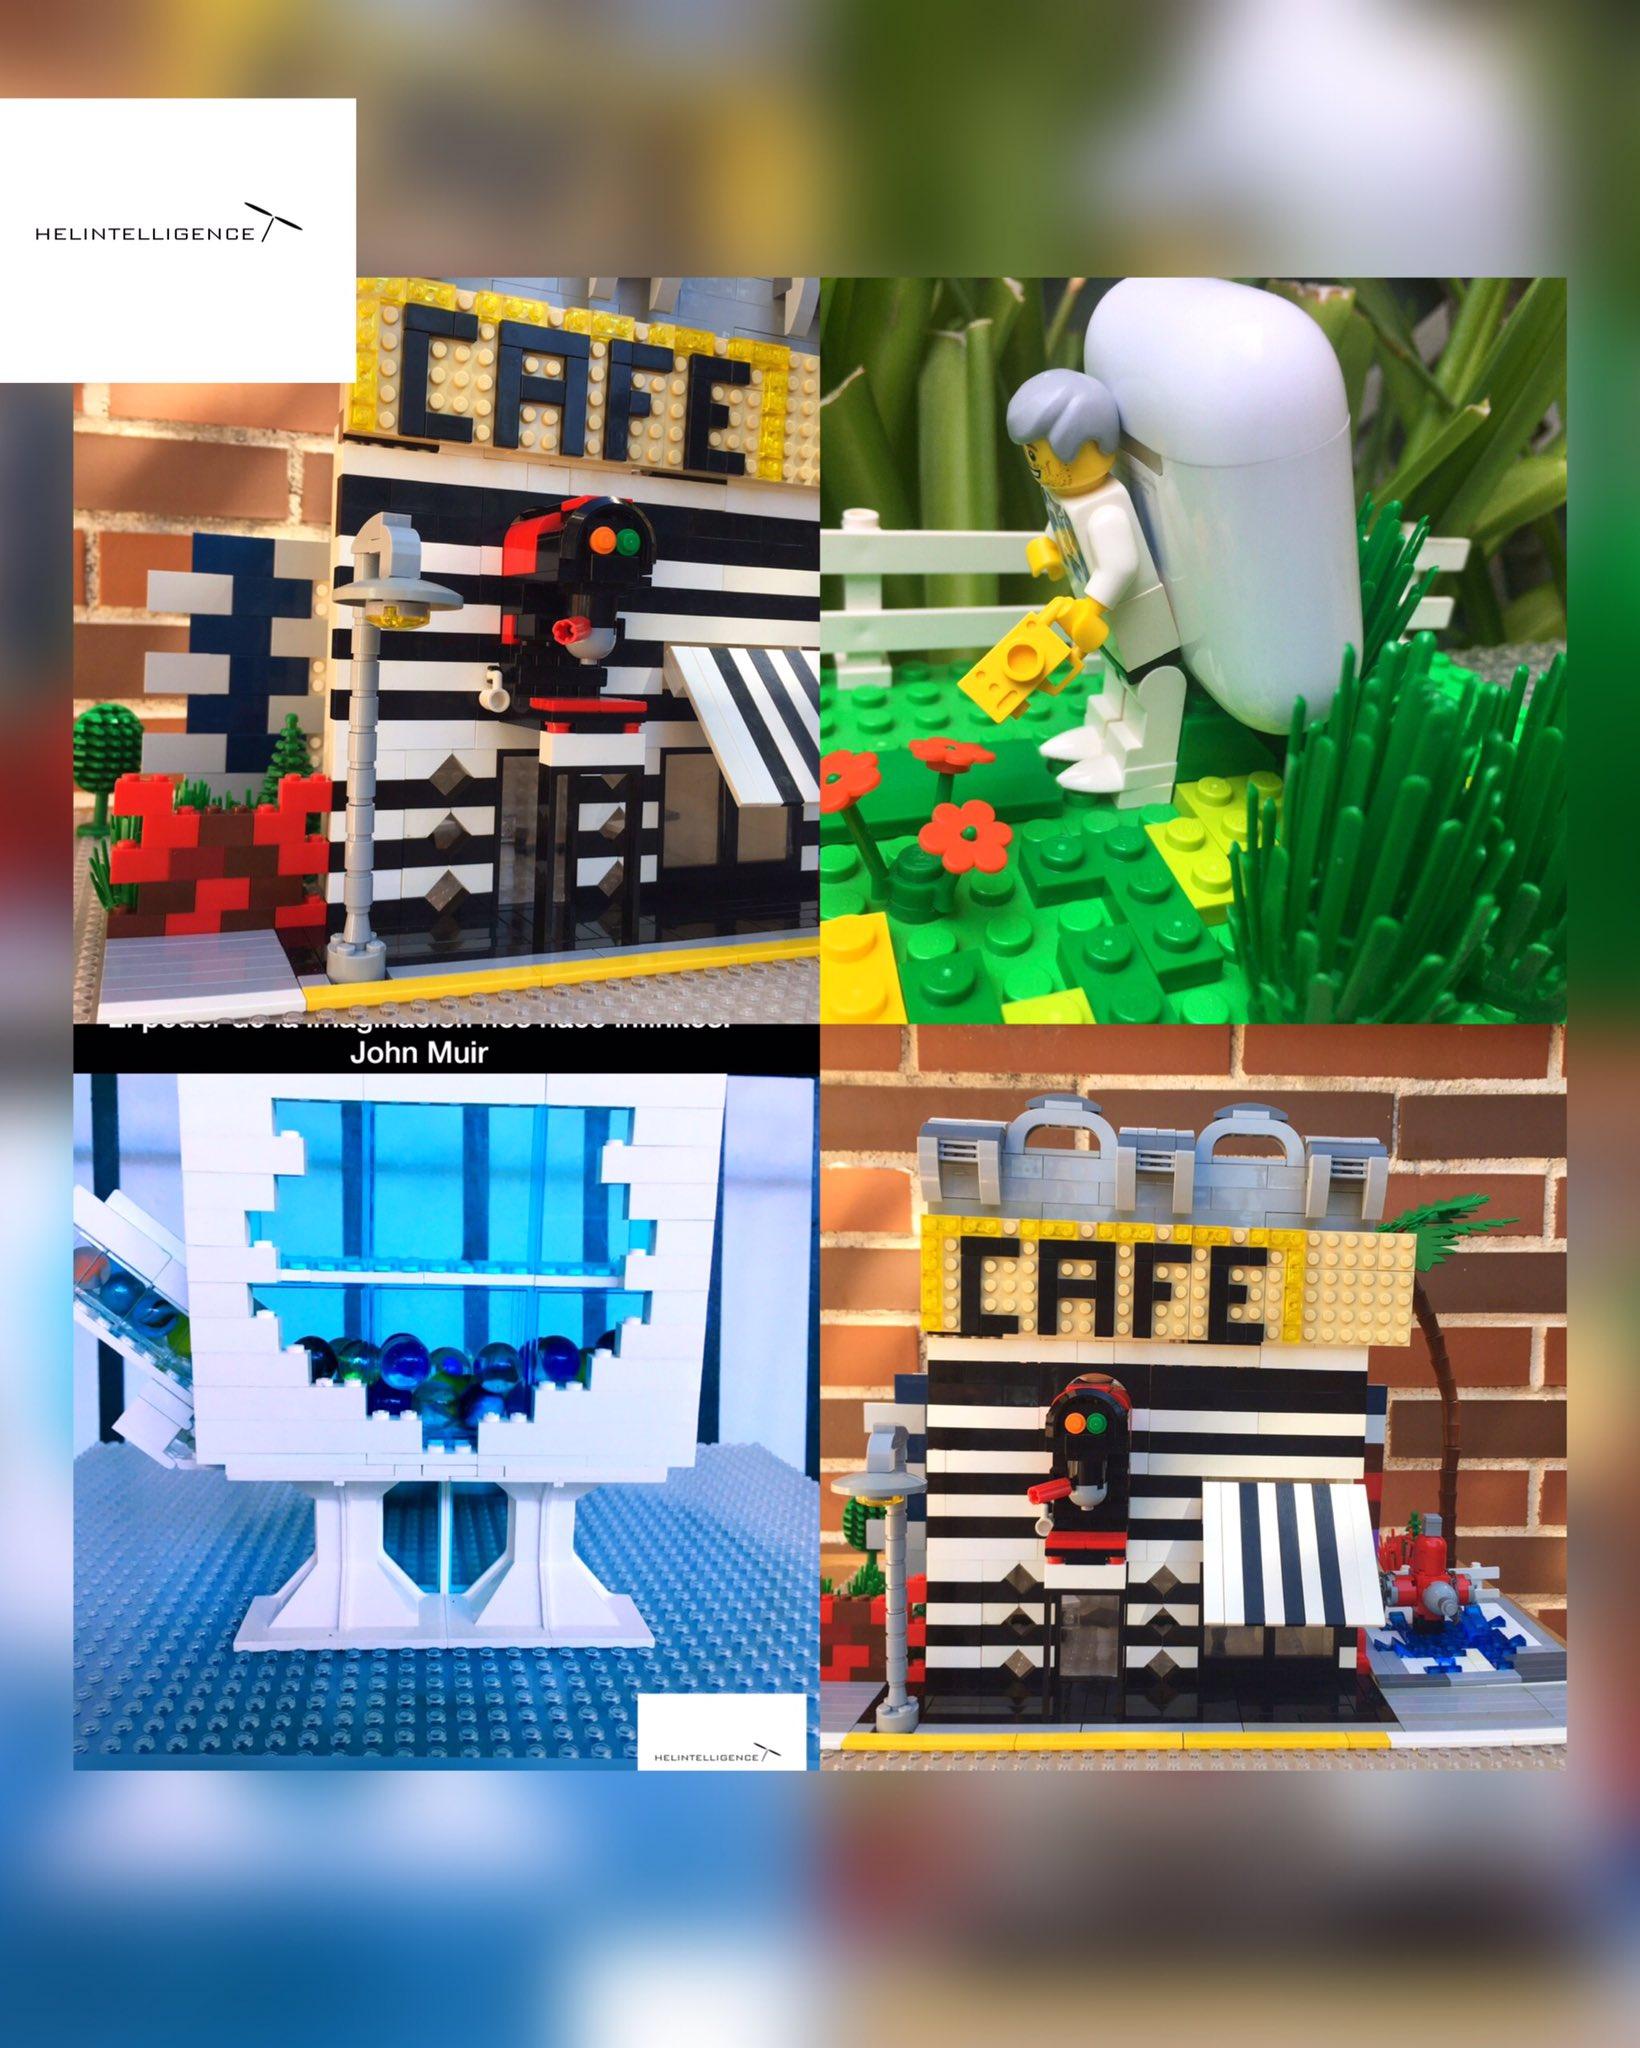 Si quieres poner una maqueta de Lego en tu vida o quieres validar una idea sobre un producto o un servicio,  contáctanos #LEGO #9septiembre #FelizMiercoles https://t.co/Q36njDPIr5